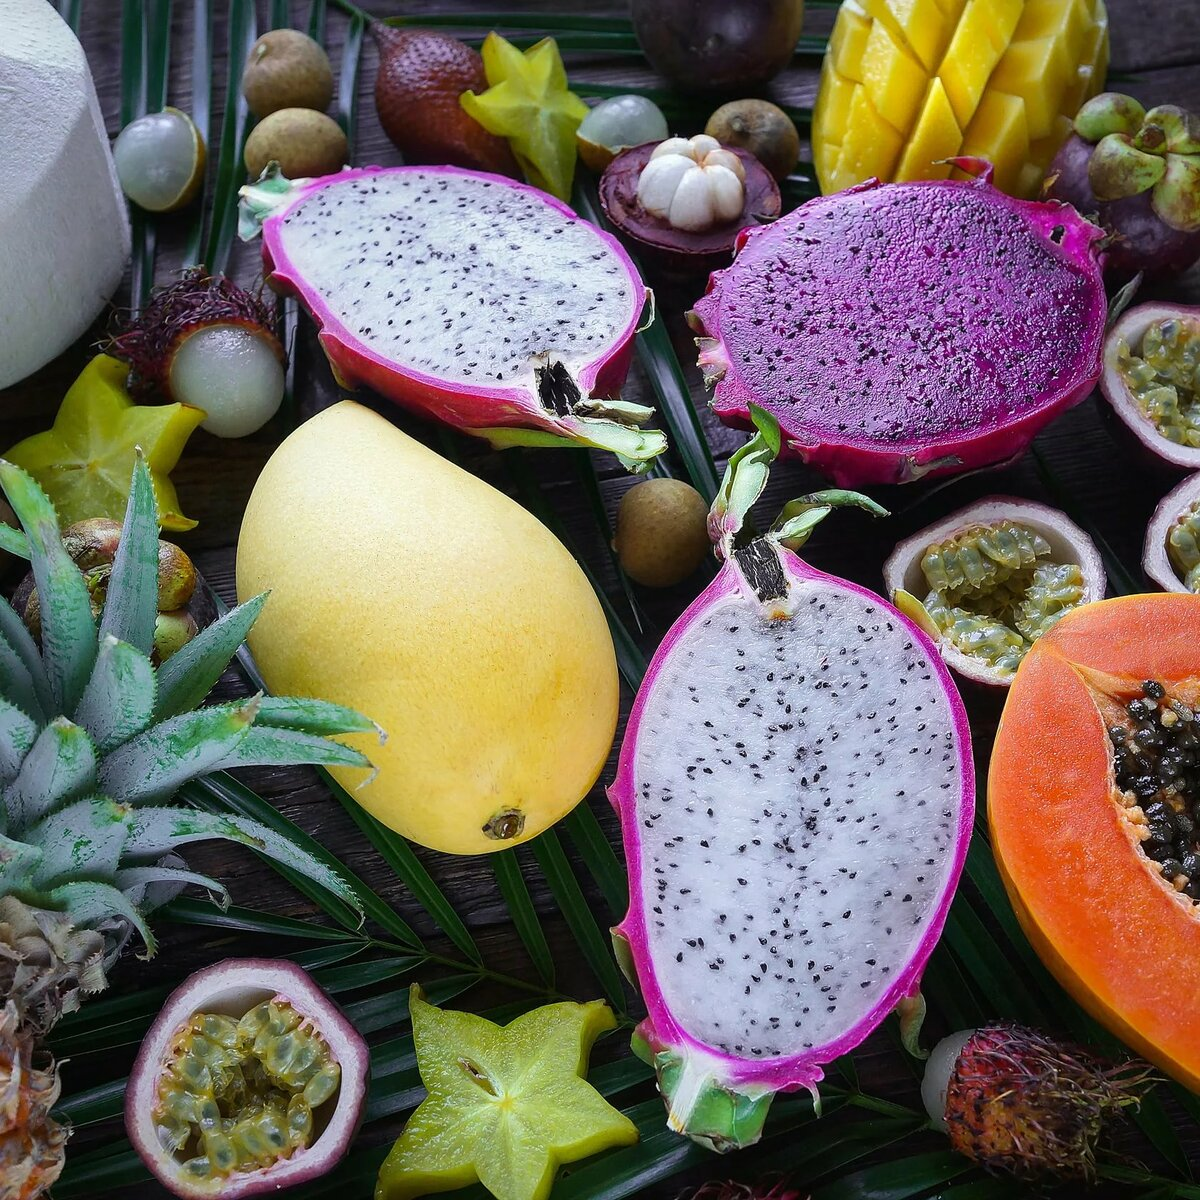 названия экзотических фруктов с картинками и названиями свадьба